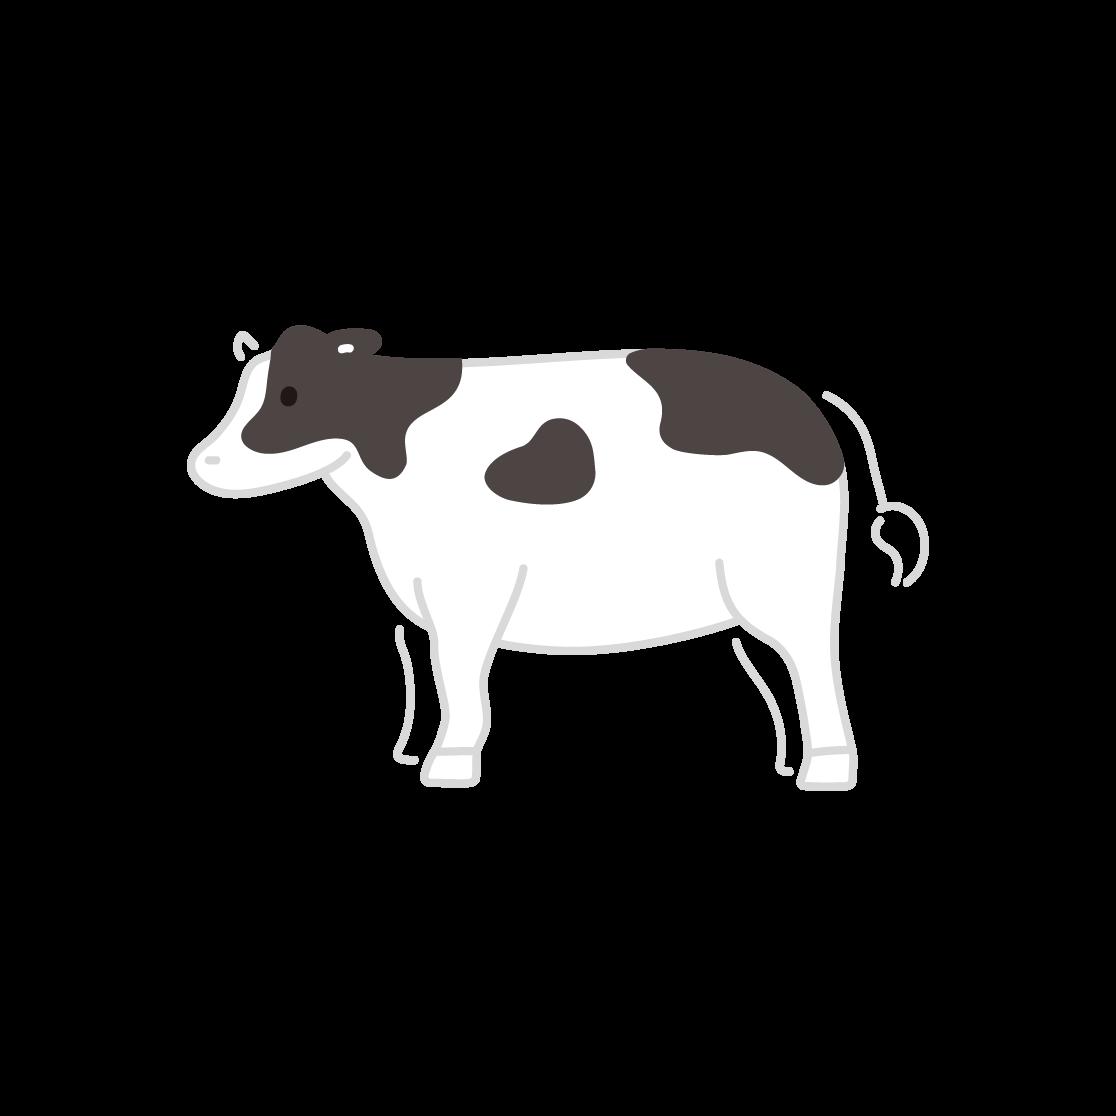 牛の塗りイラスト